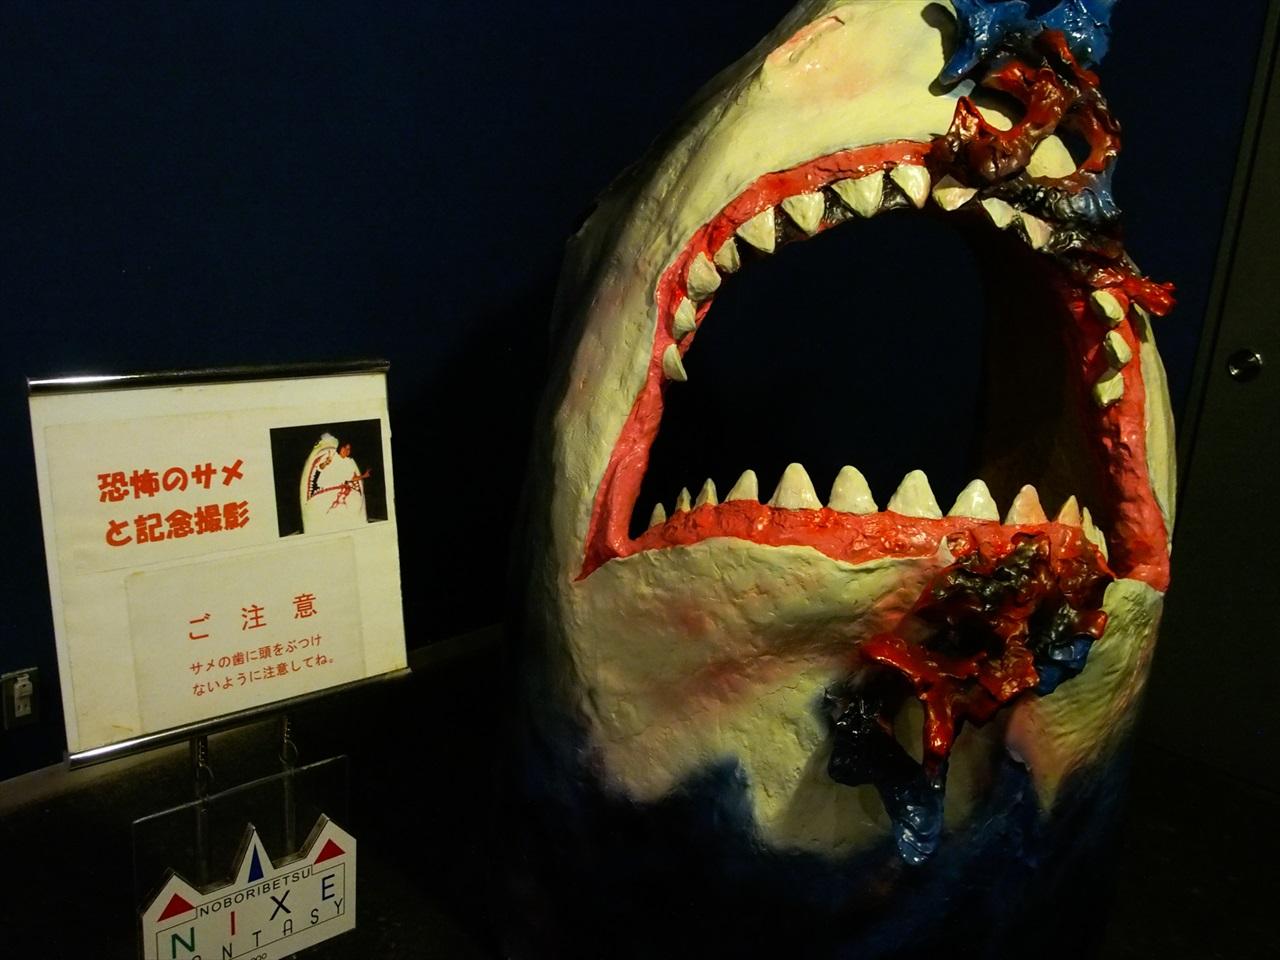 恐怖のサメと記念撮影